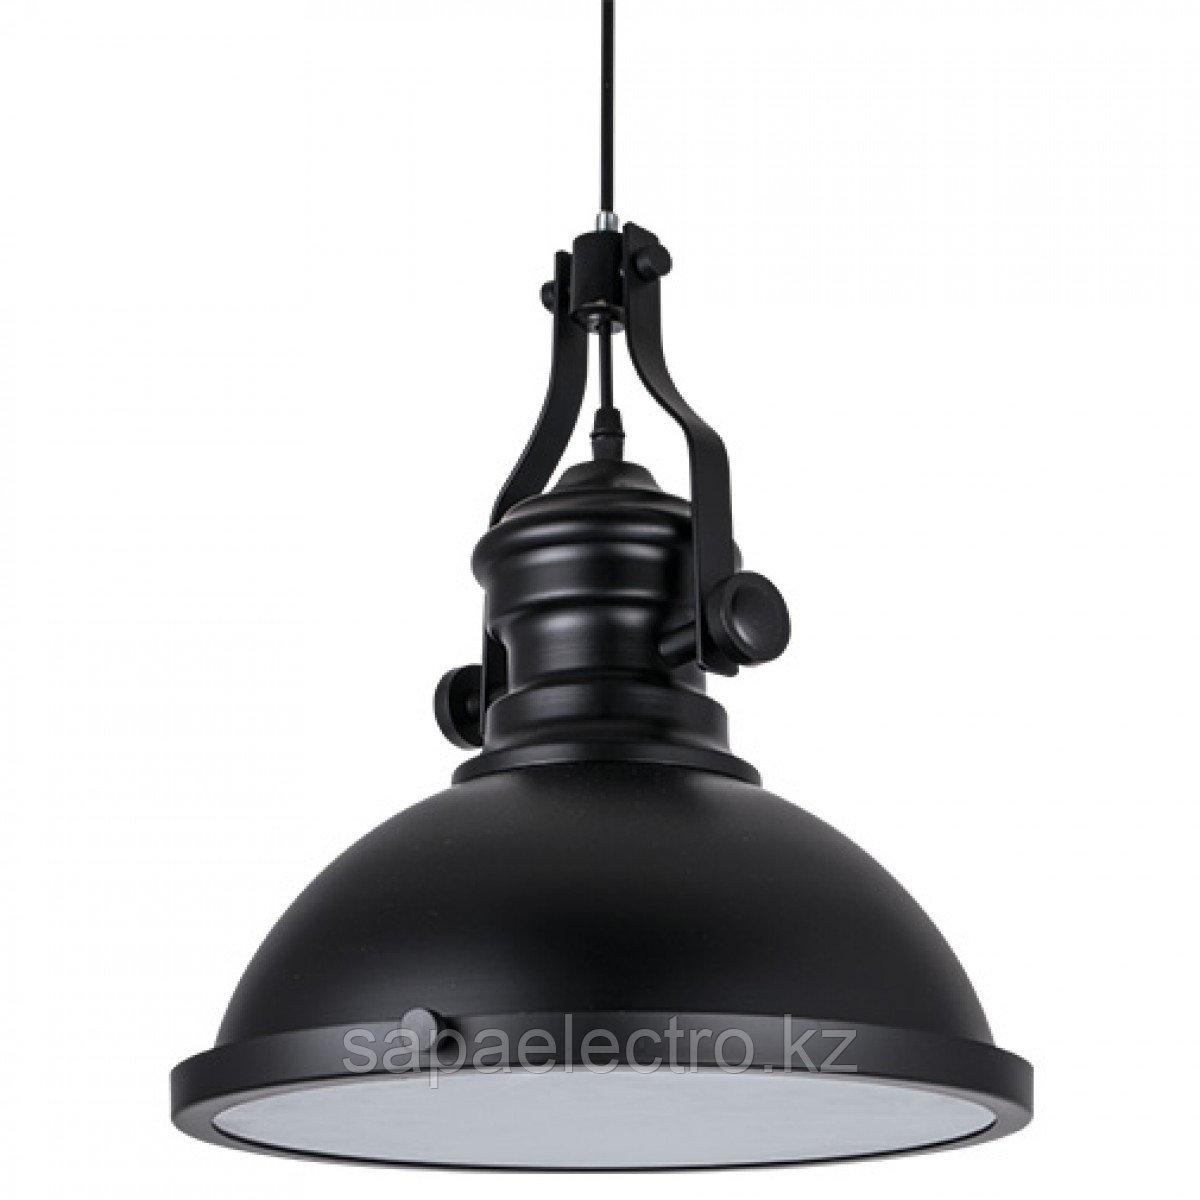 Свет-к RSP 6009 E27 40W BLACK (TEKSAN) 1шт